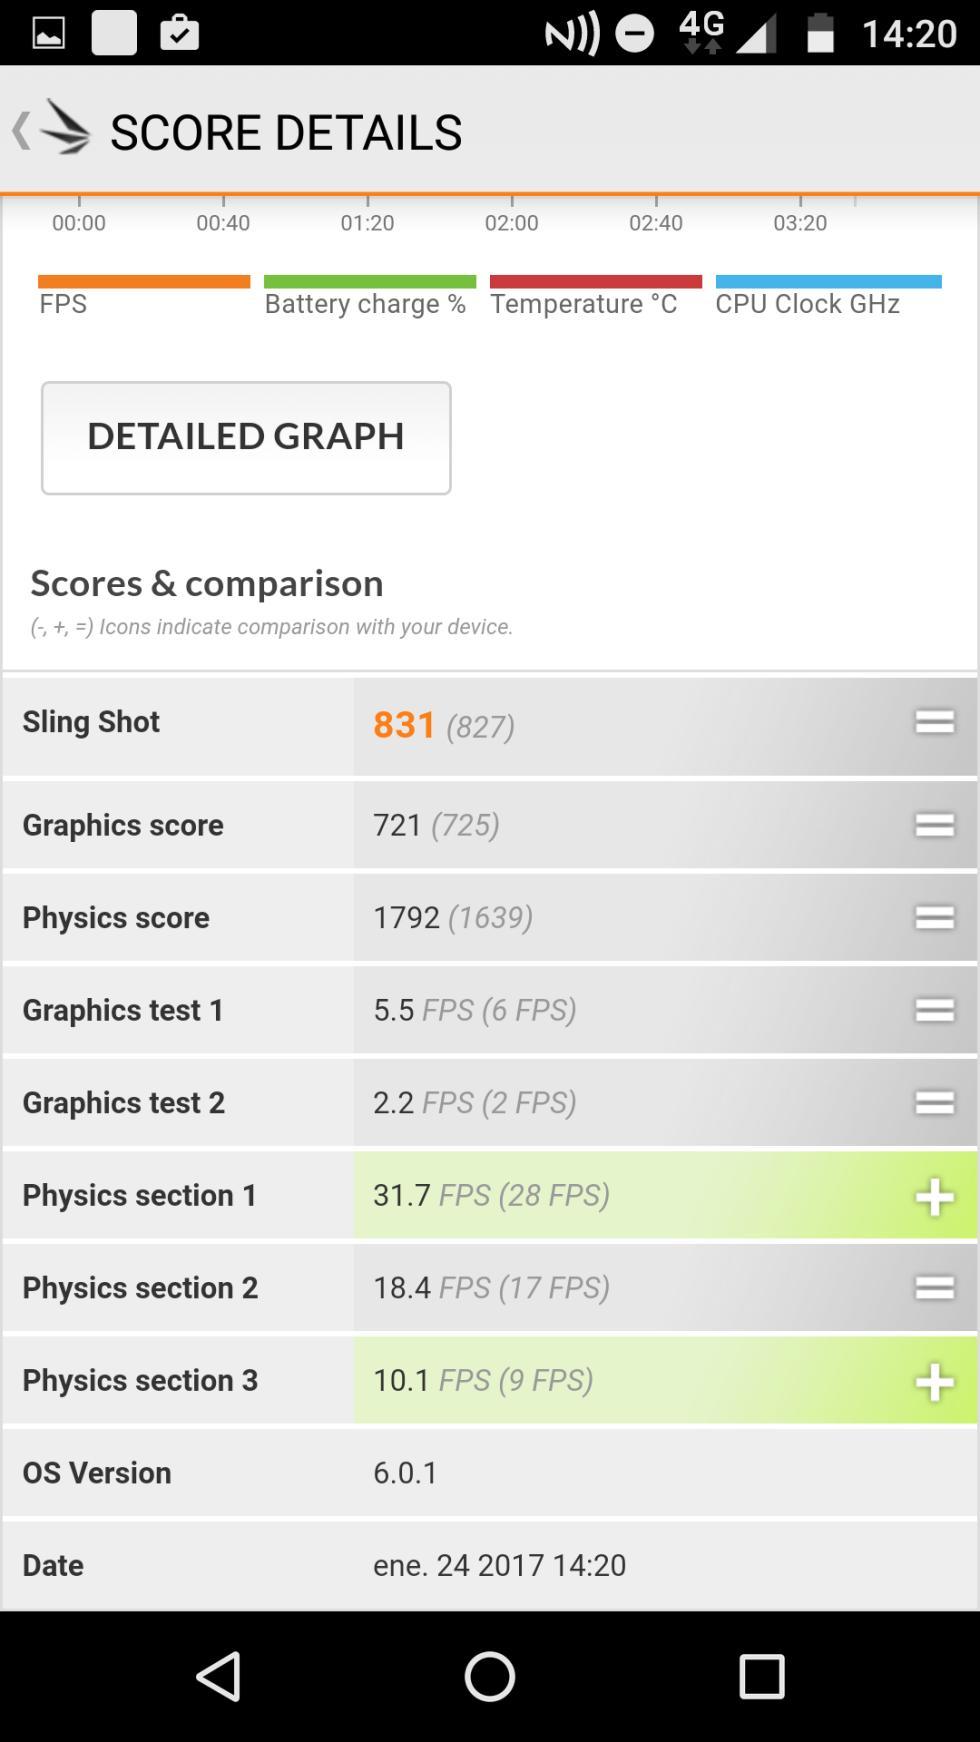 Detalles de la prueba de la aplicación de benchmark 3DMark